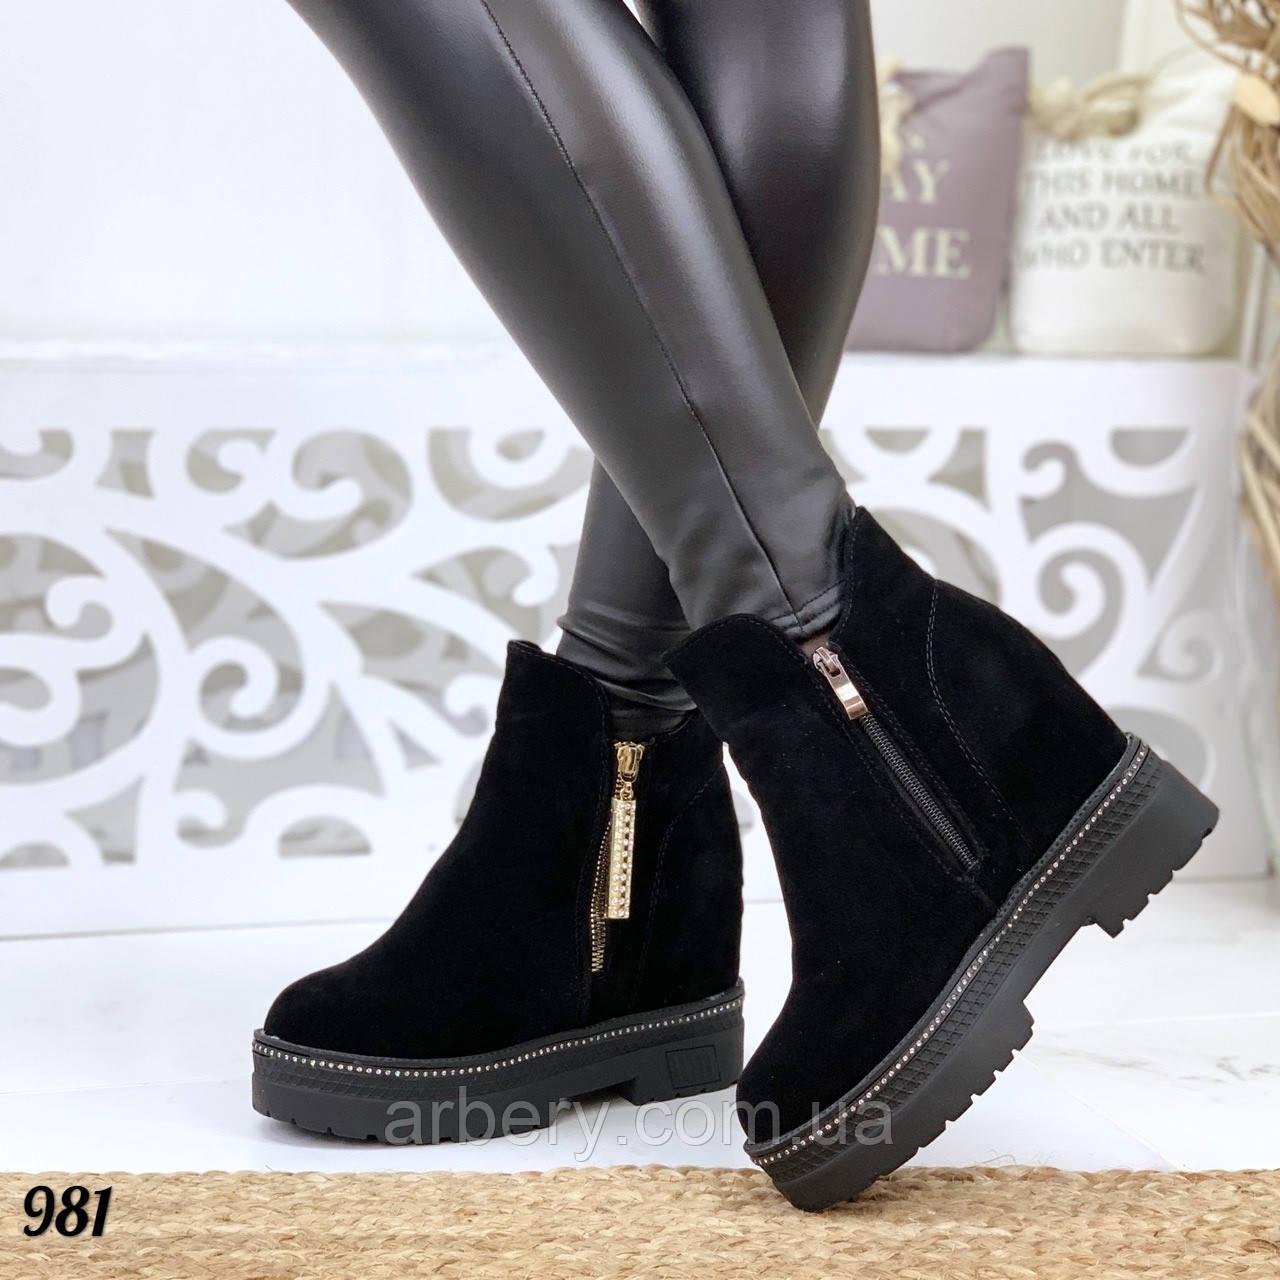 Женские зимние ботинки на платформе